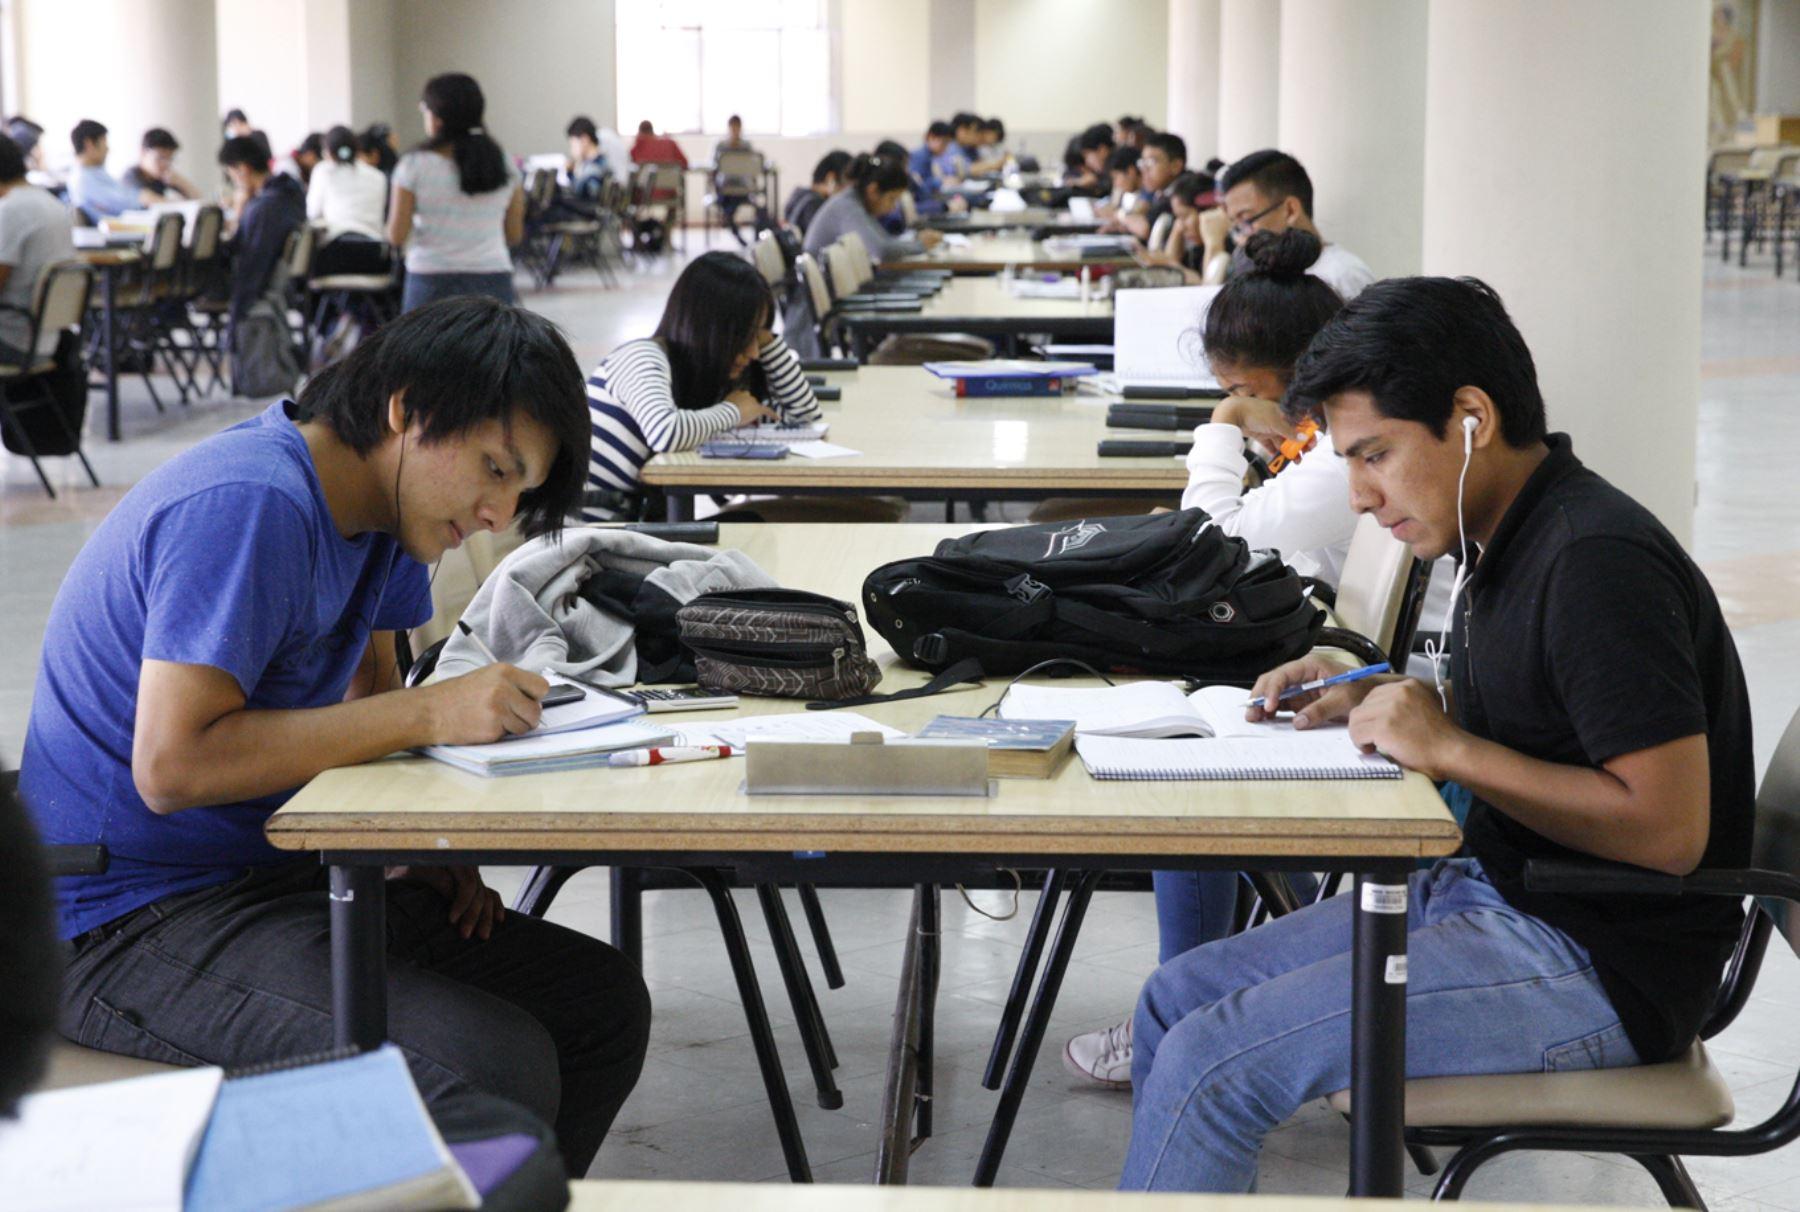 Normas publicadas ofrecen una serie de alternativas para que estudiantes no pierdan estudios. Foto: ANDINA/Eddy Ramos